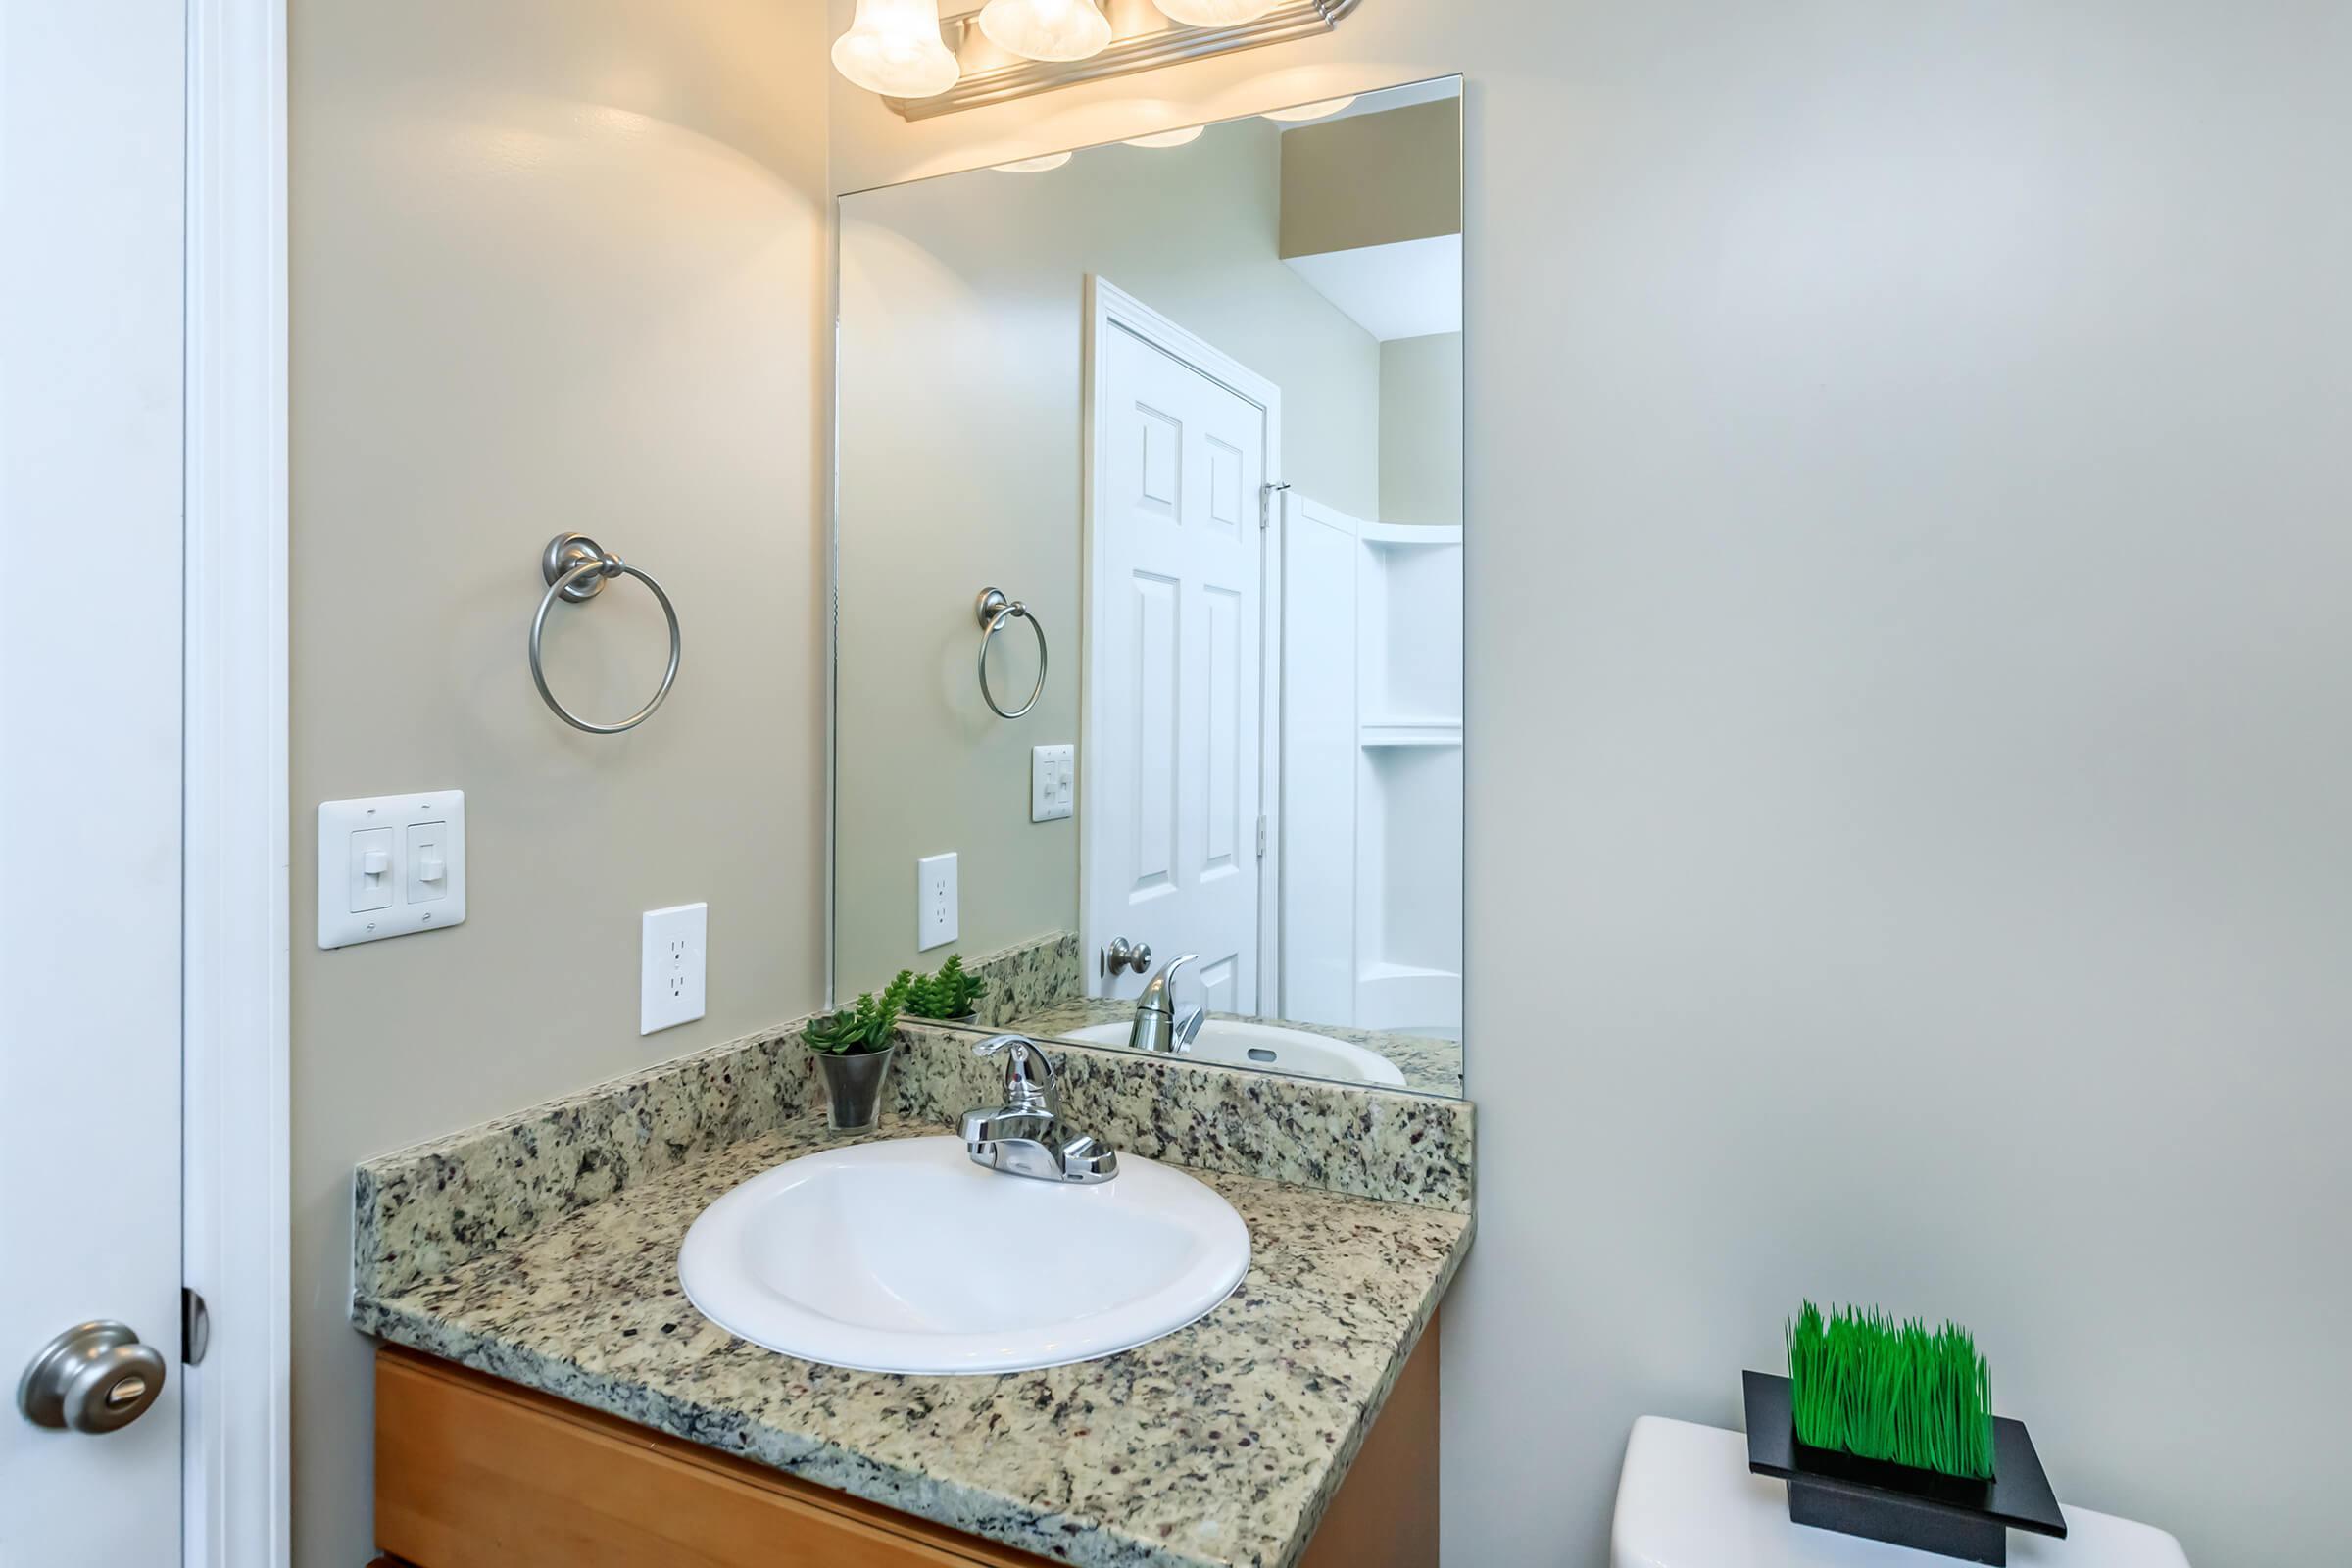 Sleek bathroom at Eagles Crest at Jack Miller in Clarksville, Tennessee